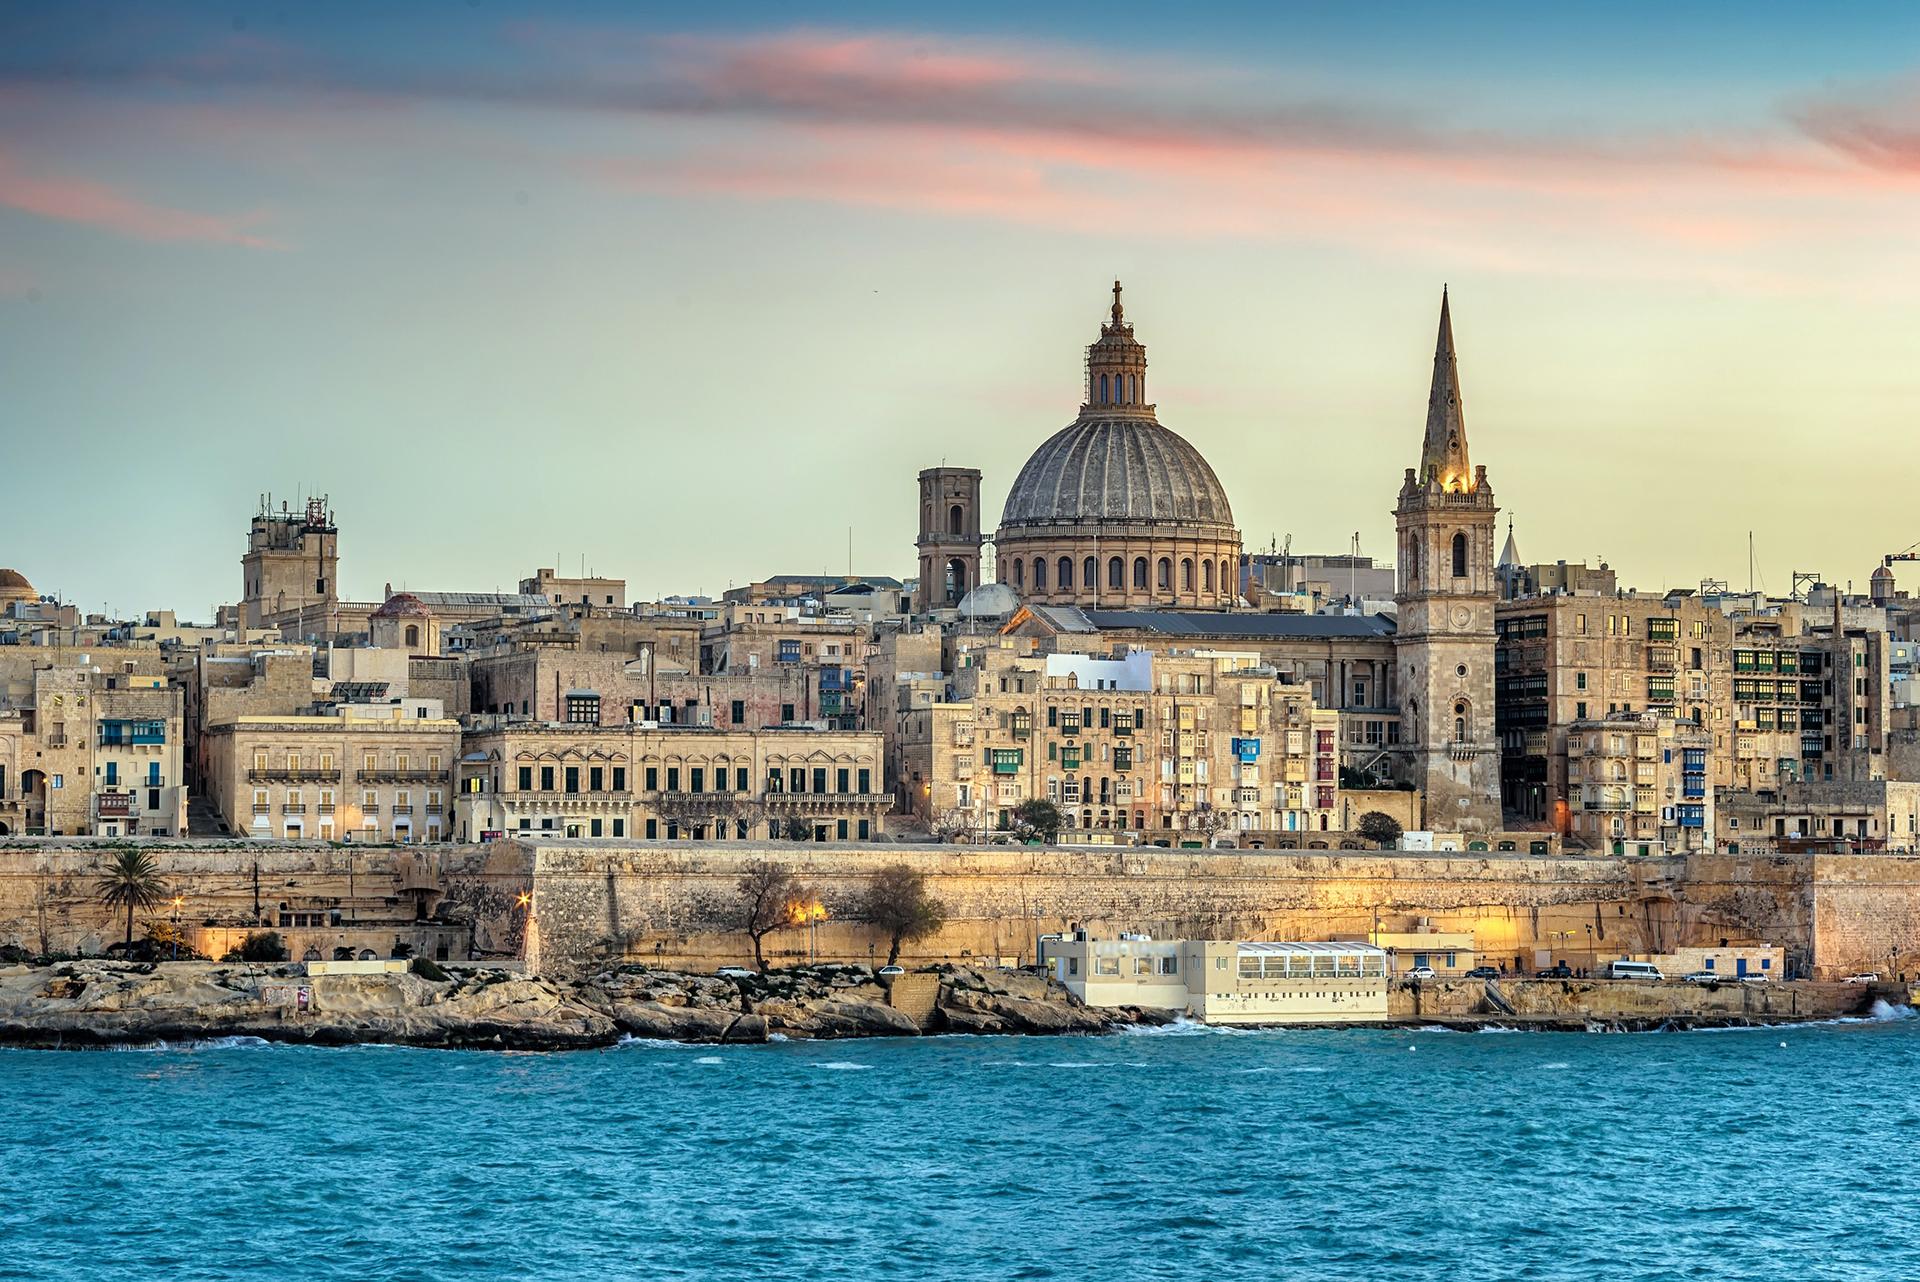 Malta - A Paradise